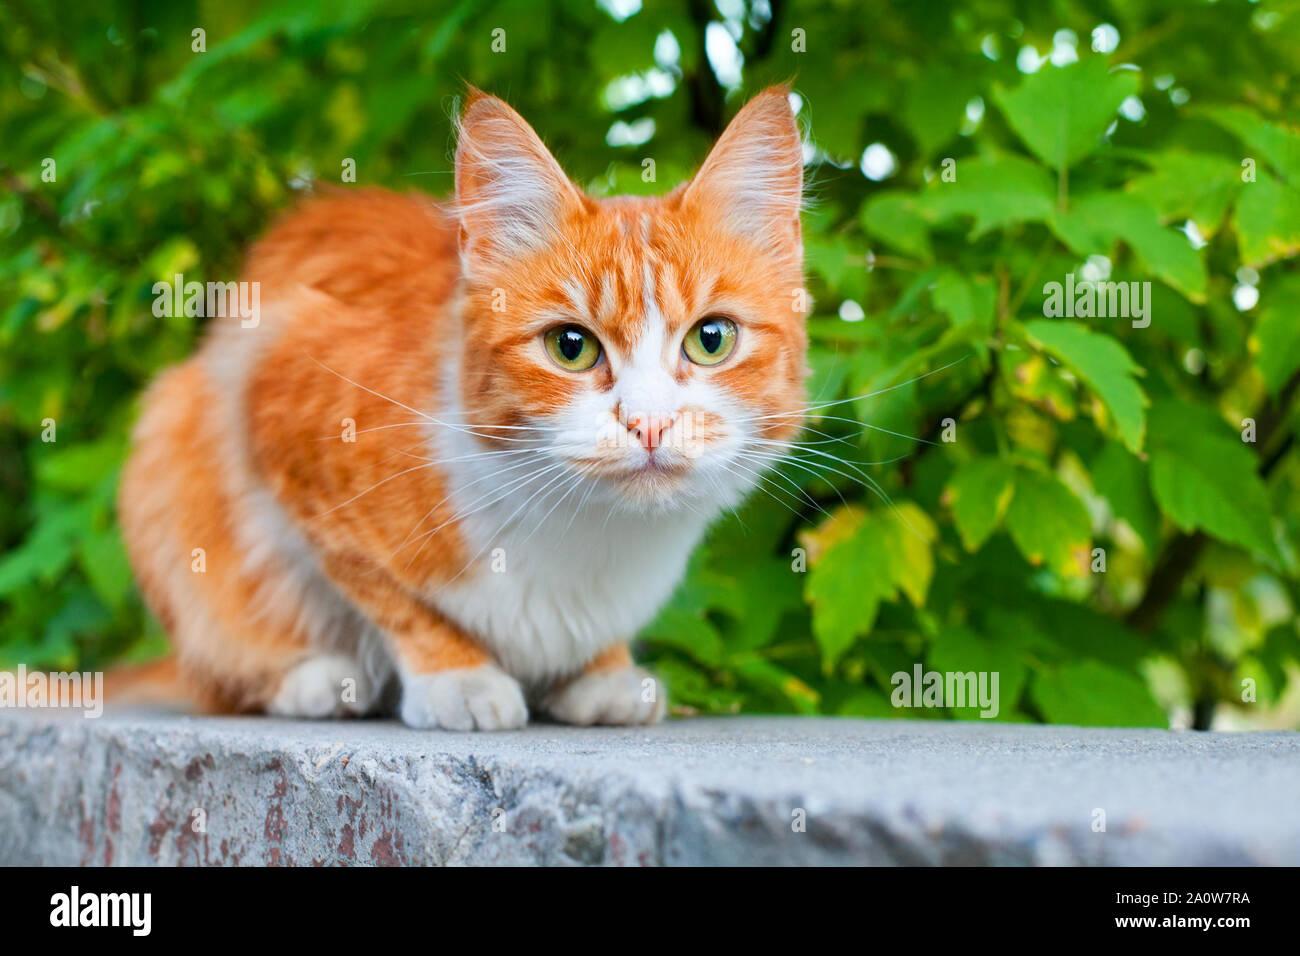 Couleur rouge et blanc chat mignon sur branche d'arbre vert feuilles contexte close up, des yeux verts très poilu gingembre kitty, pussycat orange, jaune chaton Banque D'Images